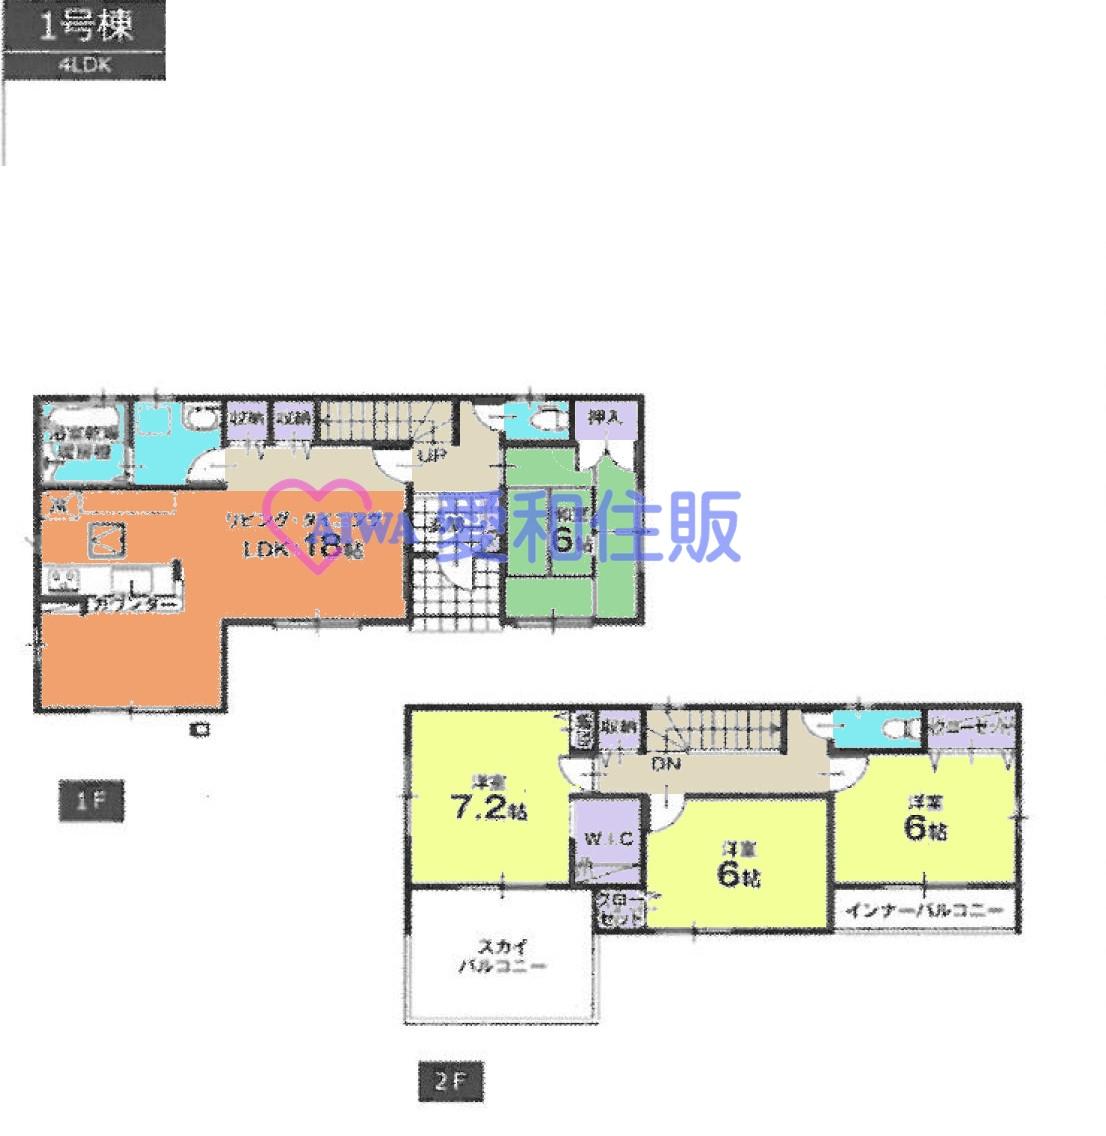 東松山市松葉町2丁目新築一戸建て建売分譲住宅の1号棟間取り図